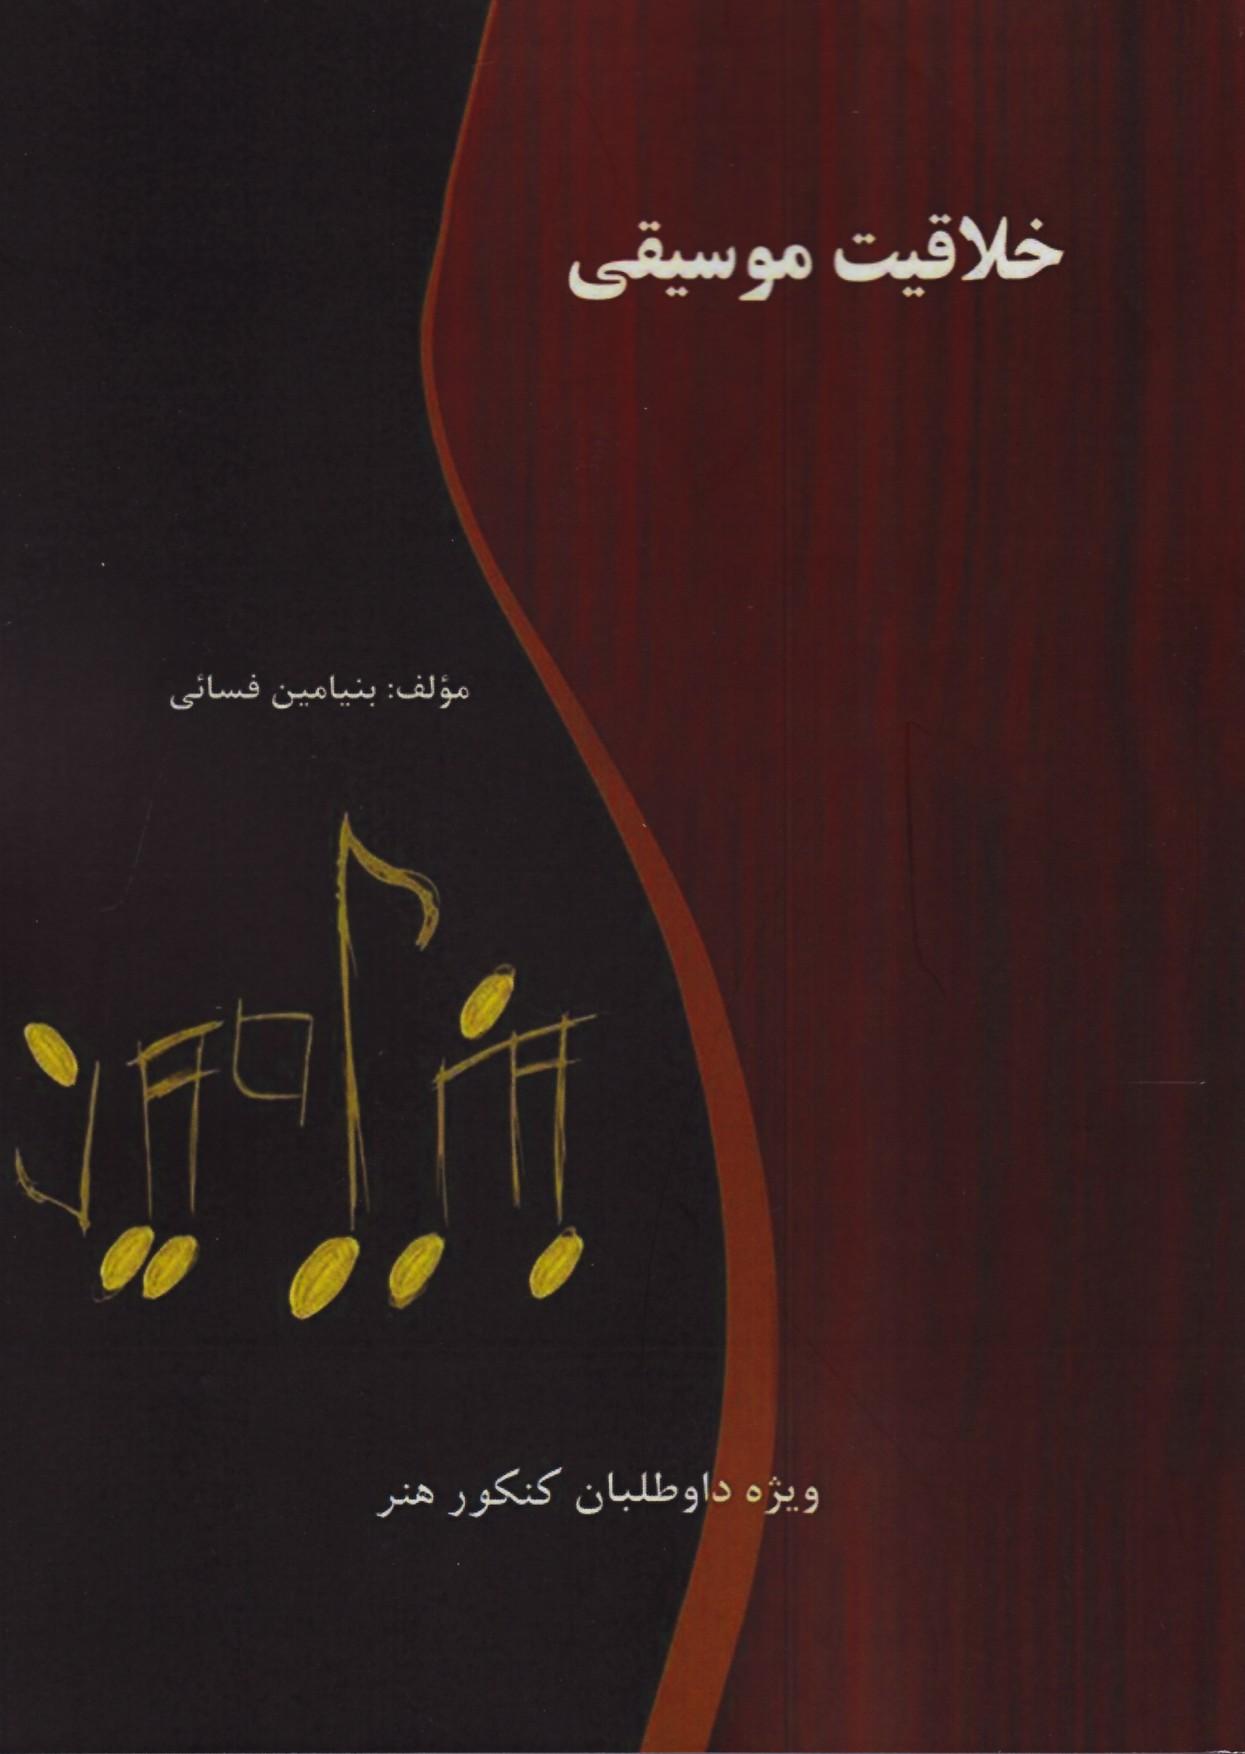 خلاقیت موسیقی ویژه داوطلبان کنکور هنر